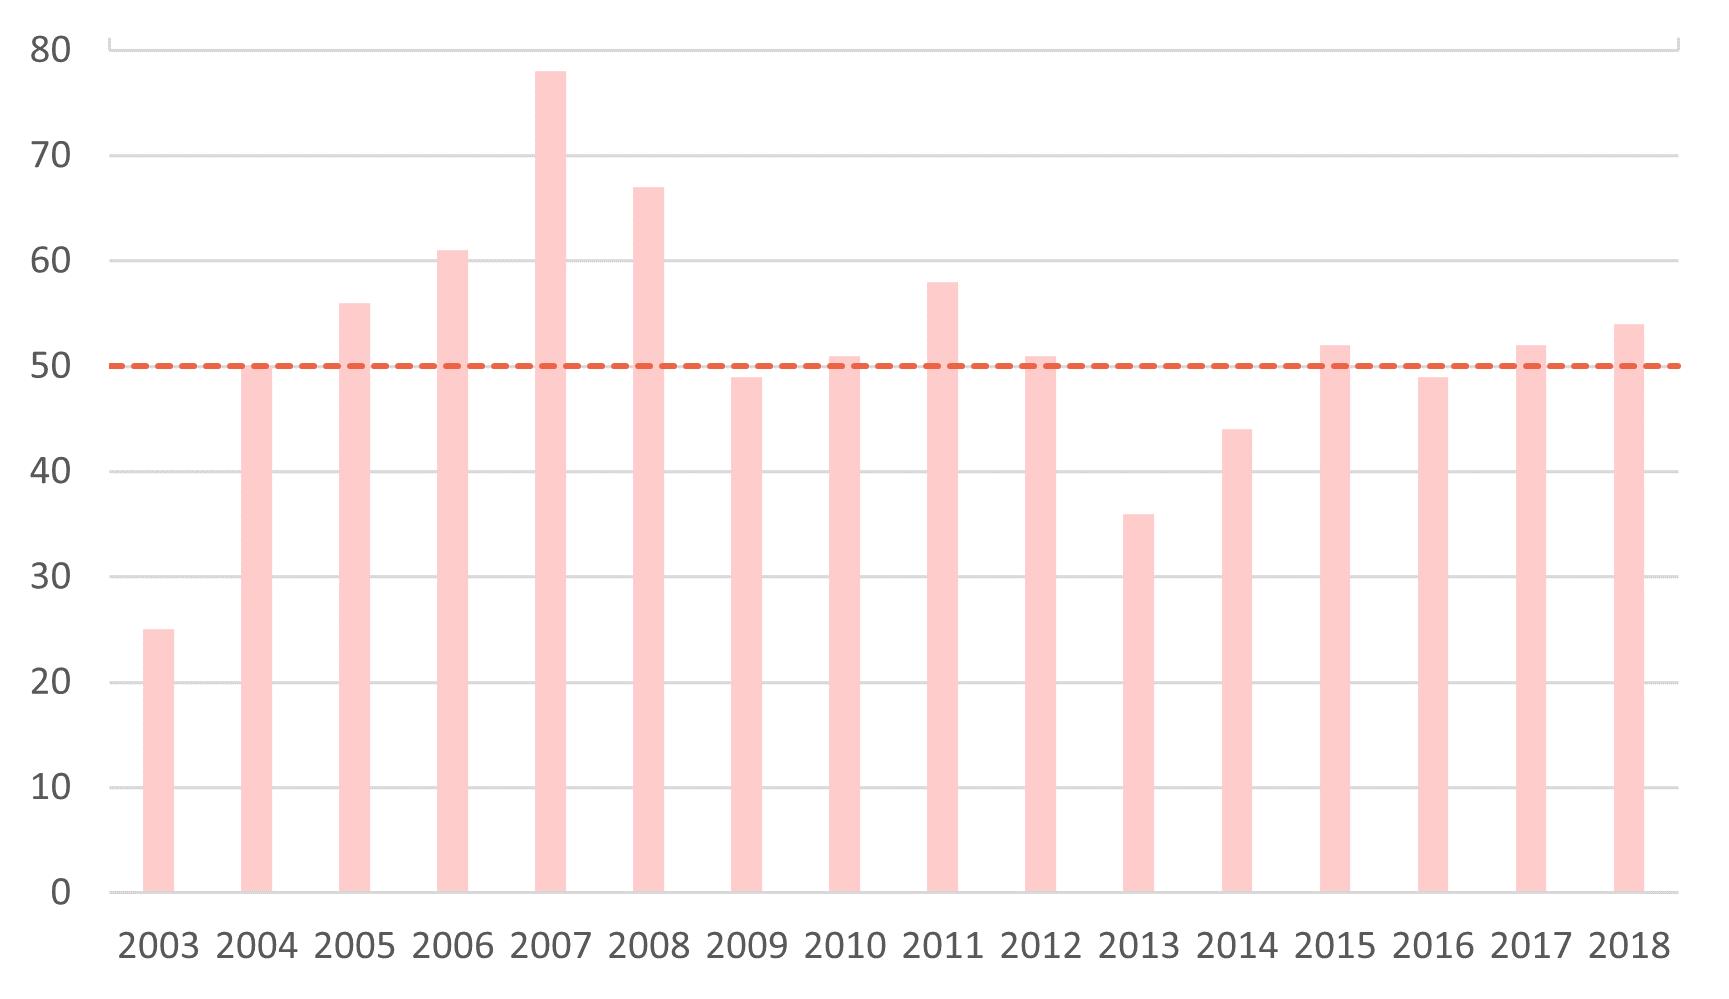 棒グラフ「虐待による死亡件数(2003~2018)」最も少ないのが2003年で25件、最も多いのが2007年で78件。16年間の平均は約52件。